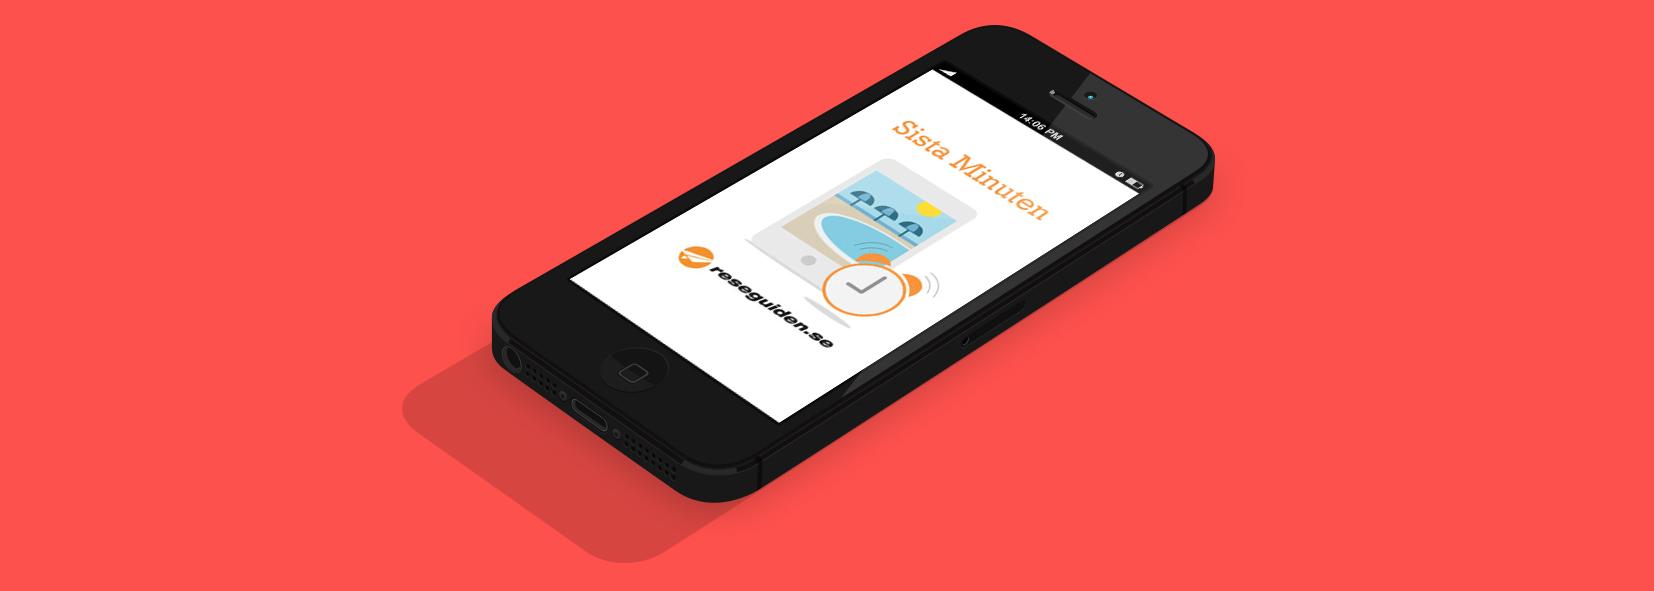 Reseguiden Last Minute App